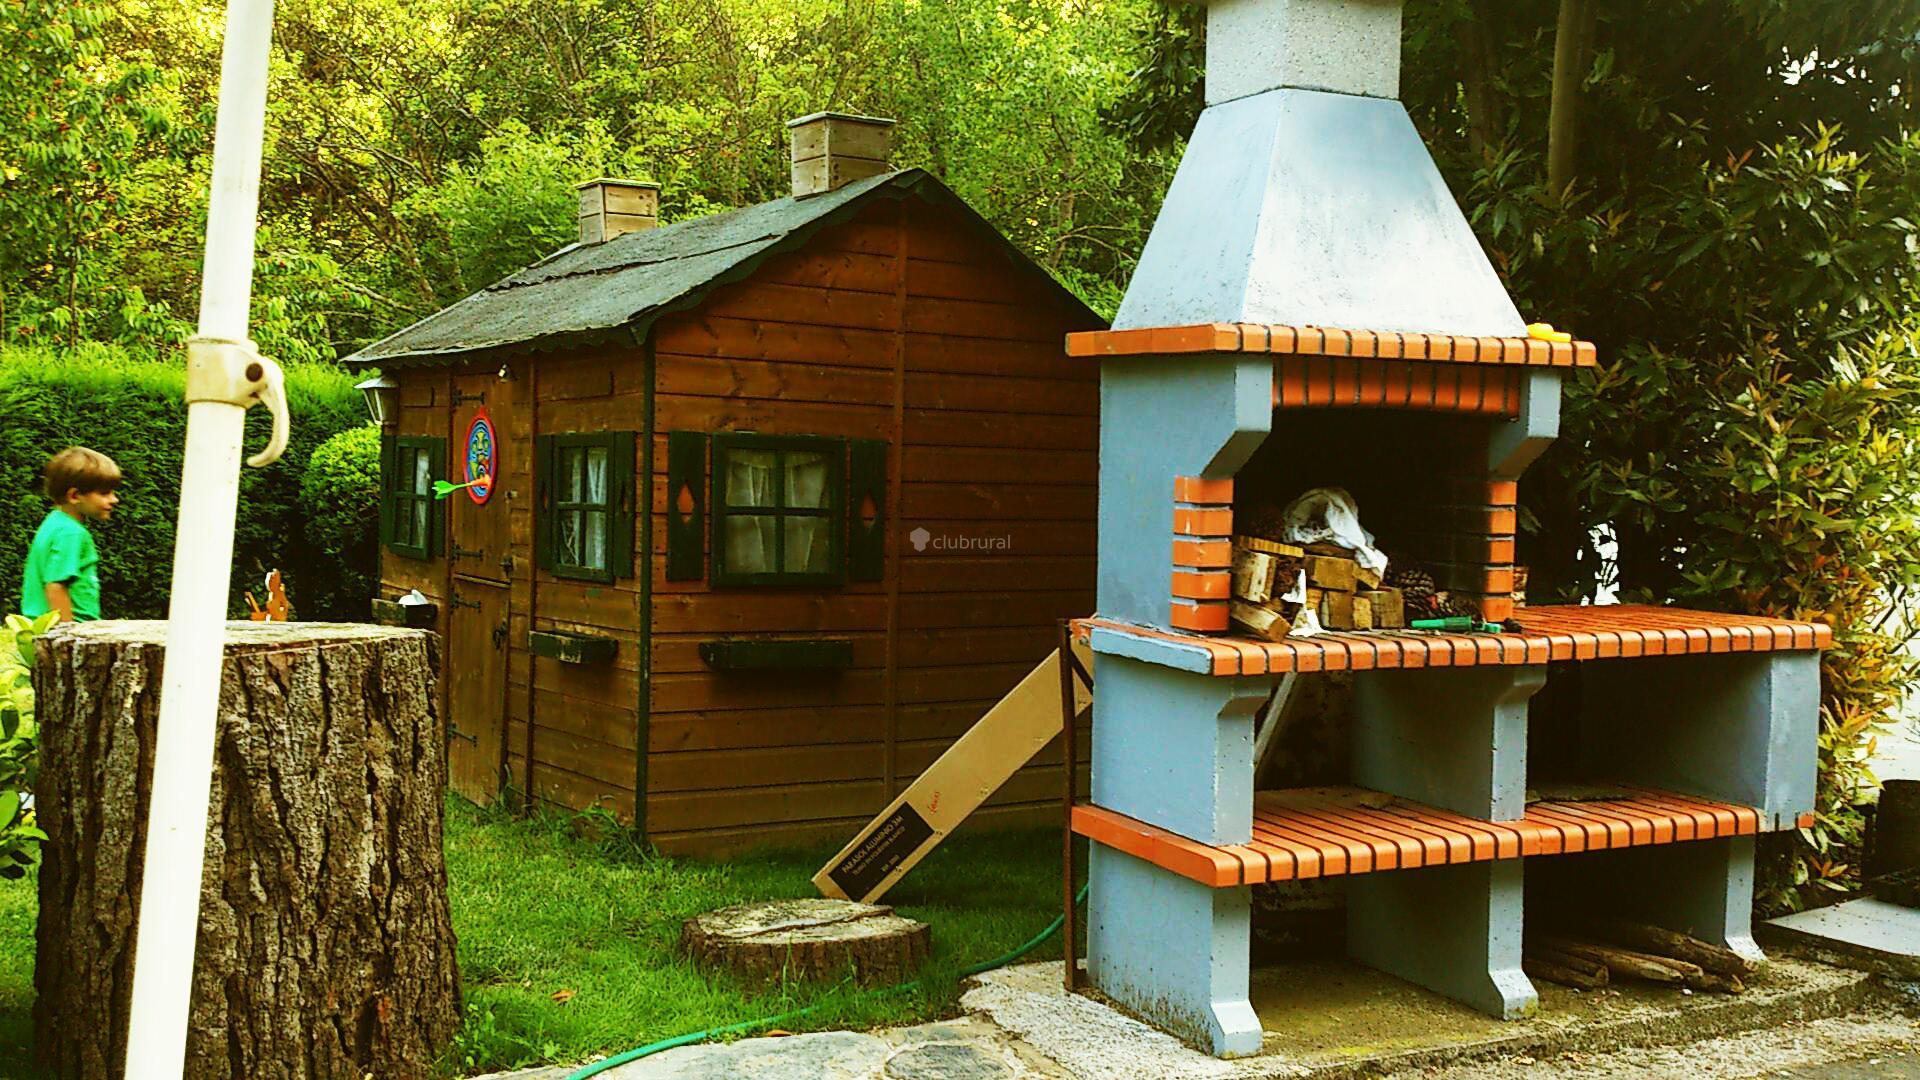 Fotos de casa de aldea la pescal asturias cangas del narcea clubrural - Casas de aldea asturias ...